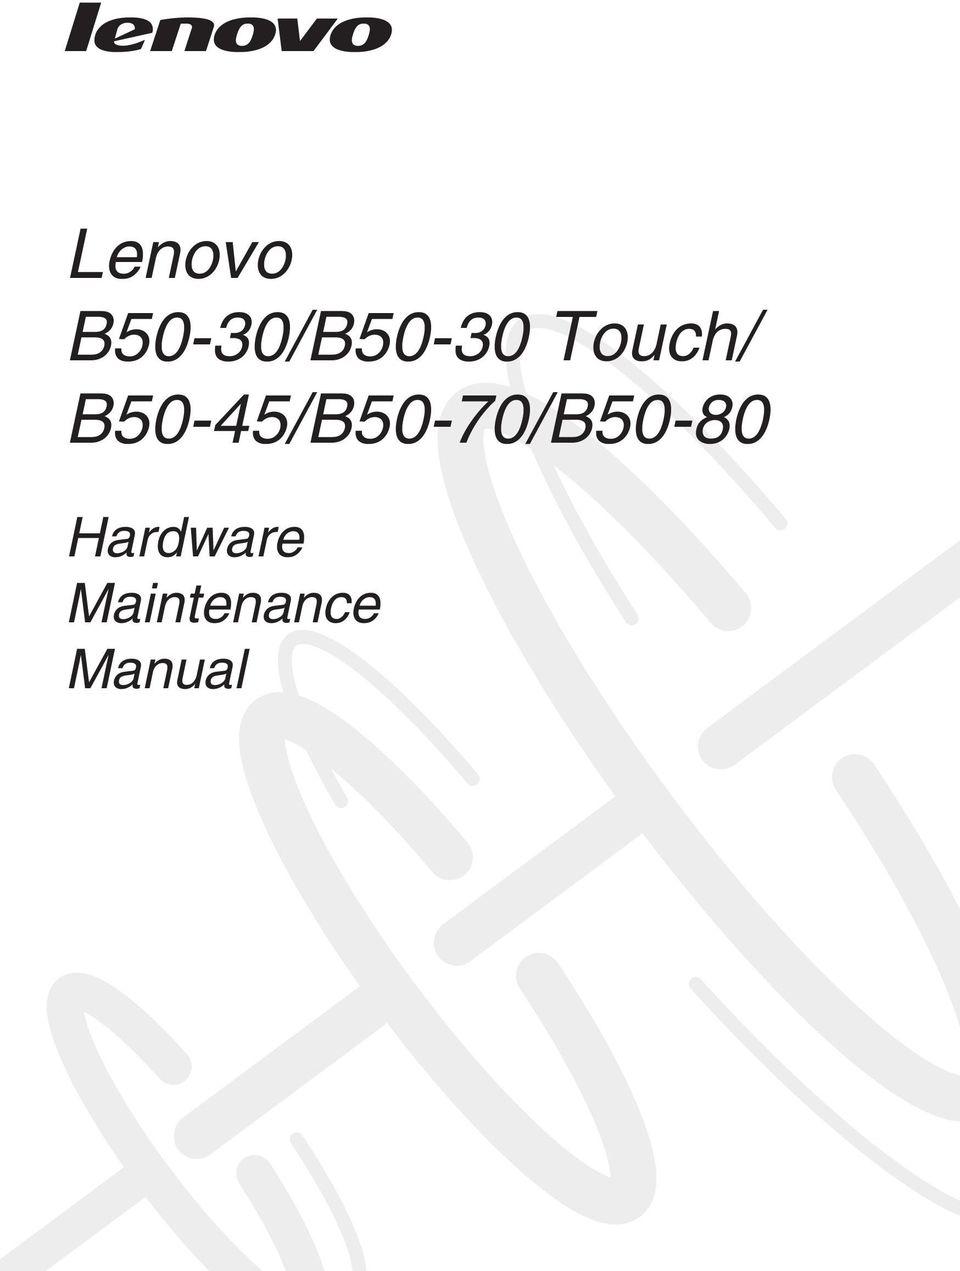 Lenovo B50-30/B50-30 Touch/ B50-45/B50-70/B Hardware